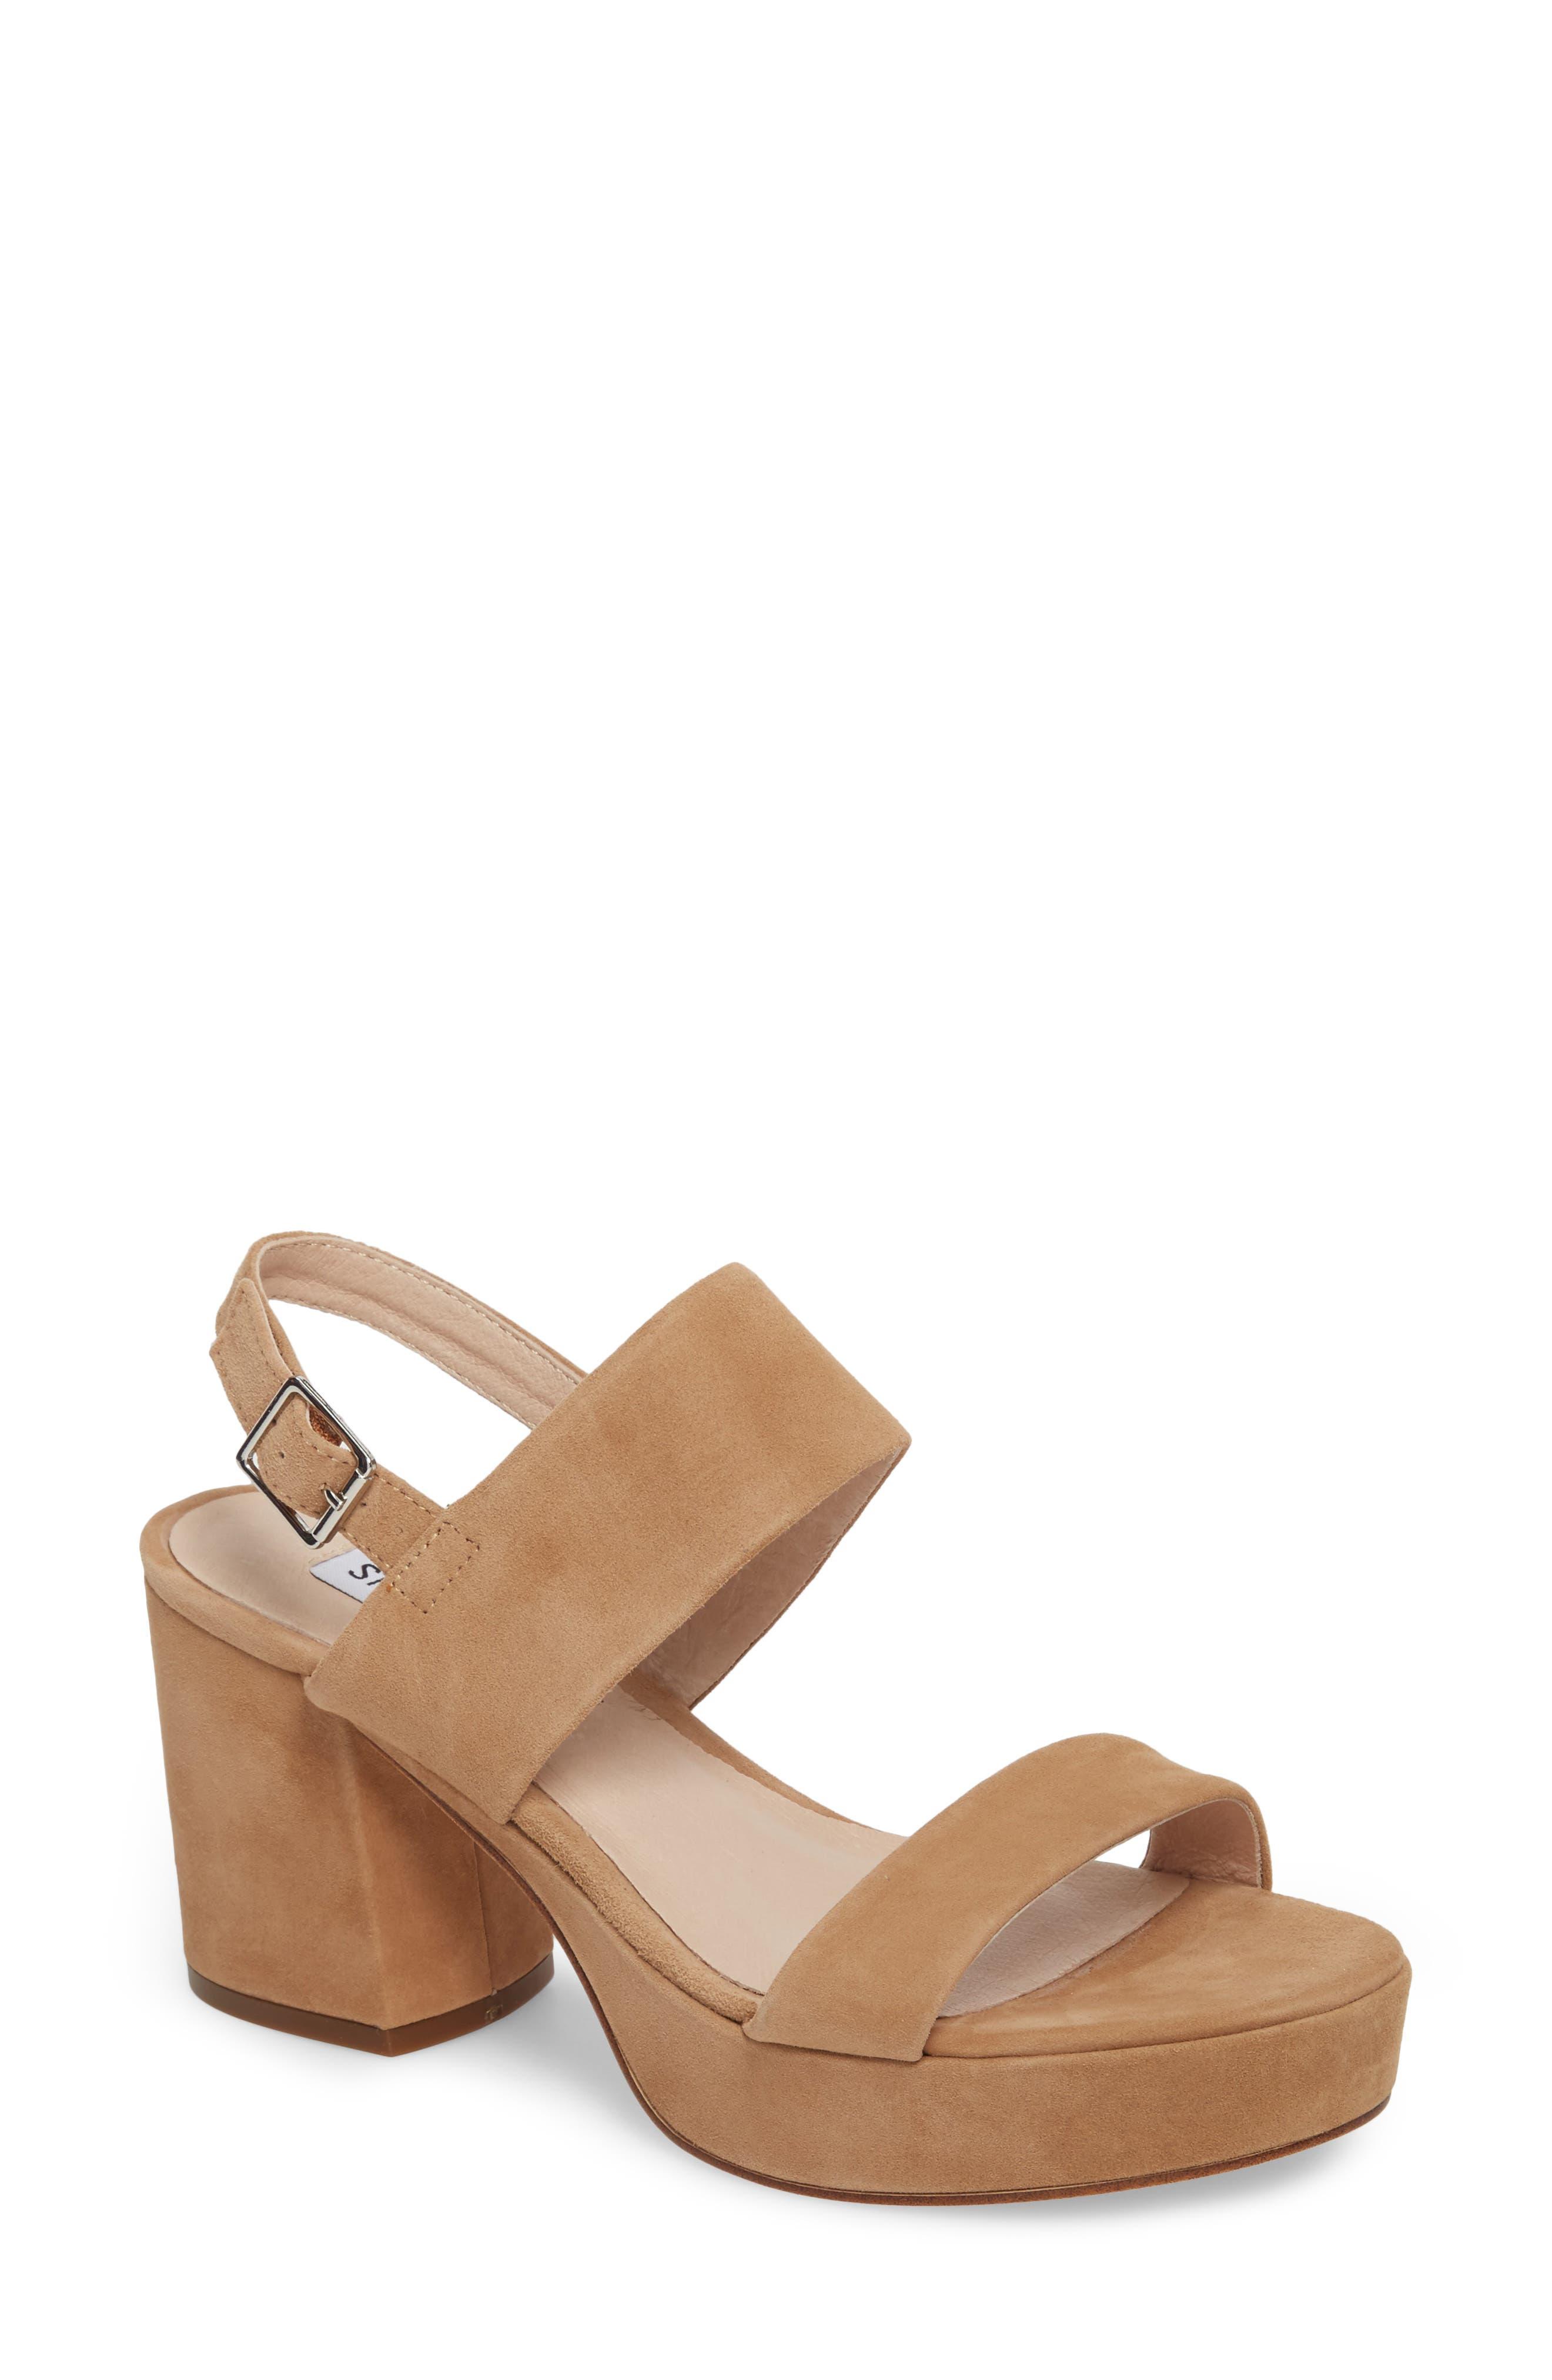 Main Image - Steve Madden Reba Slingback Platform Sandal (Women)